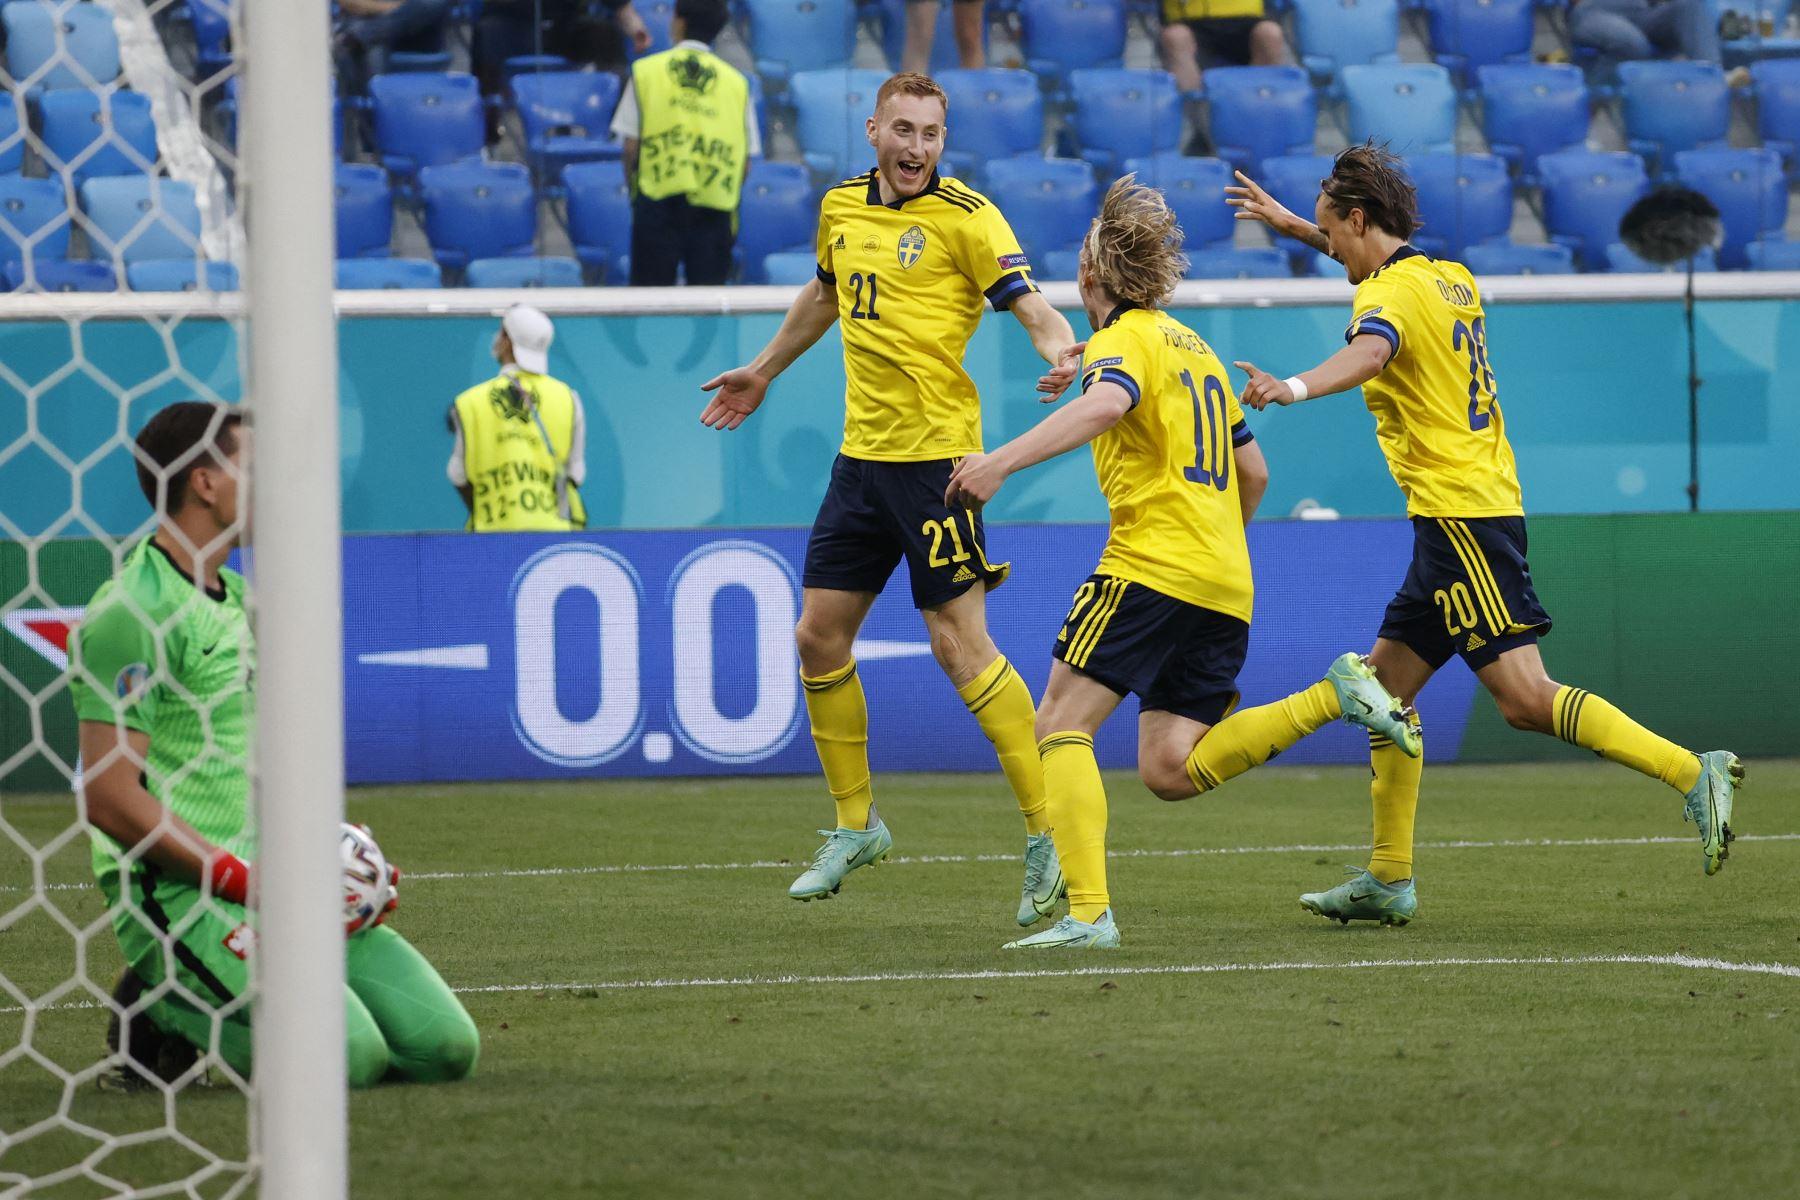 El centrocampista sueco Emil Forsberg celebra con sus compañeros de equipo después de marcar el segundo gol de su equipo durante el partido por el Grupo E de la UEFA EURO 2020. Foto: AFP